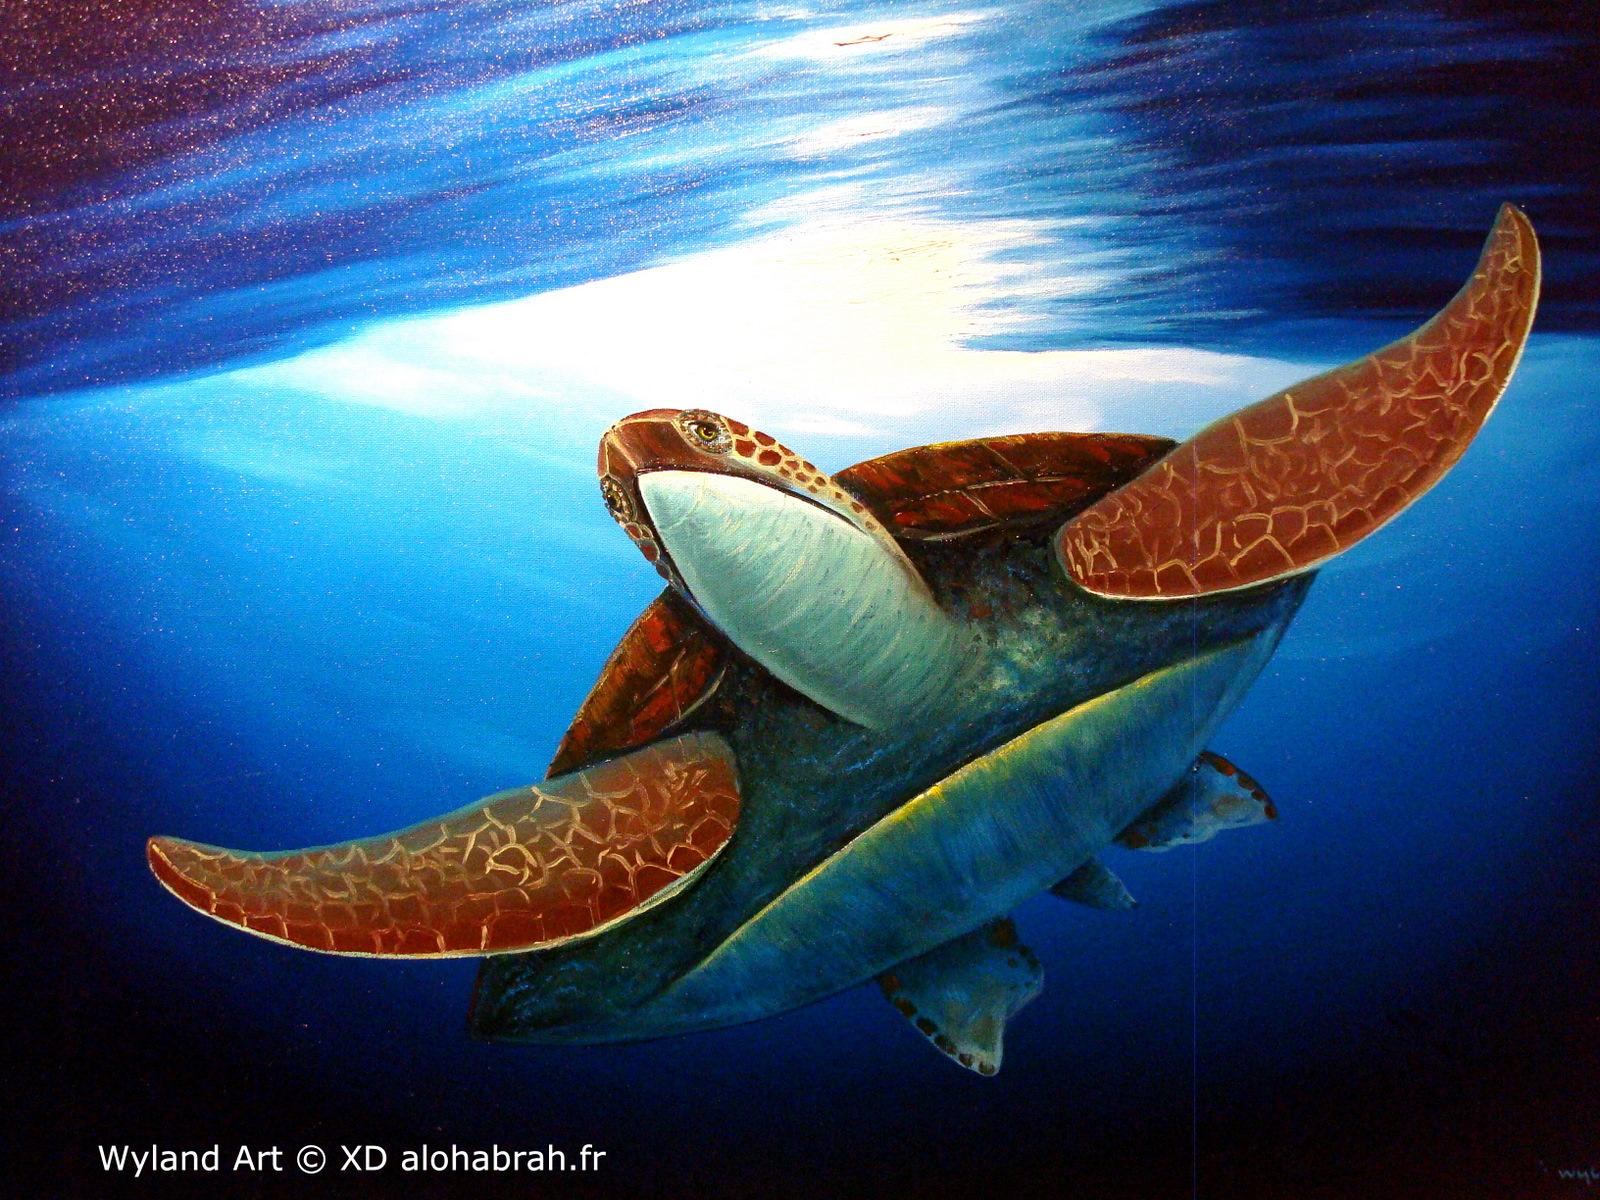 Hawaiian turtle 02 - Wyland Art © XD alohabrah.fr